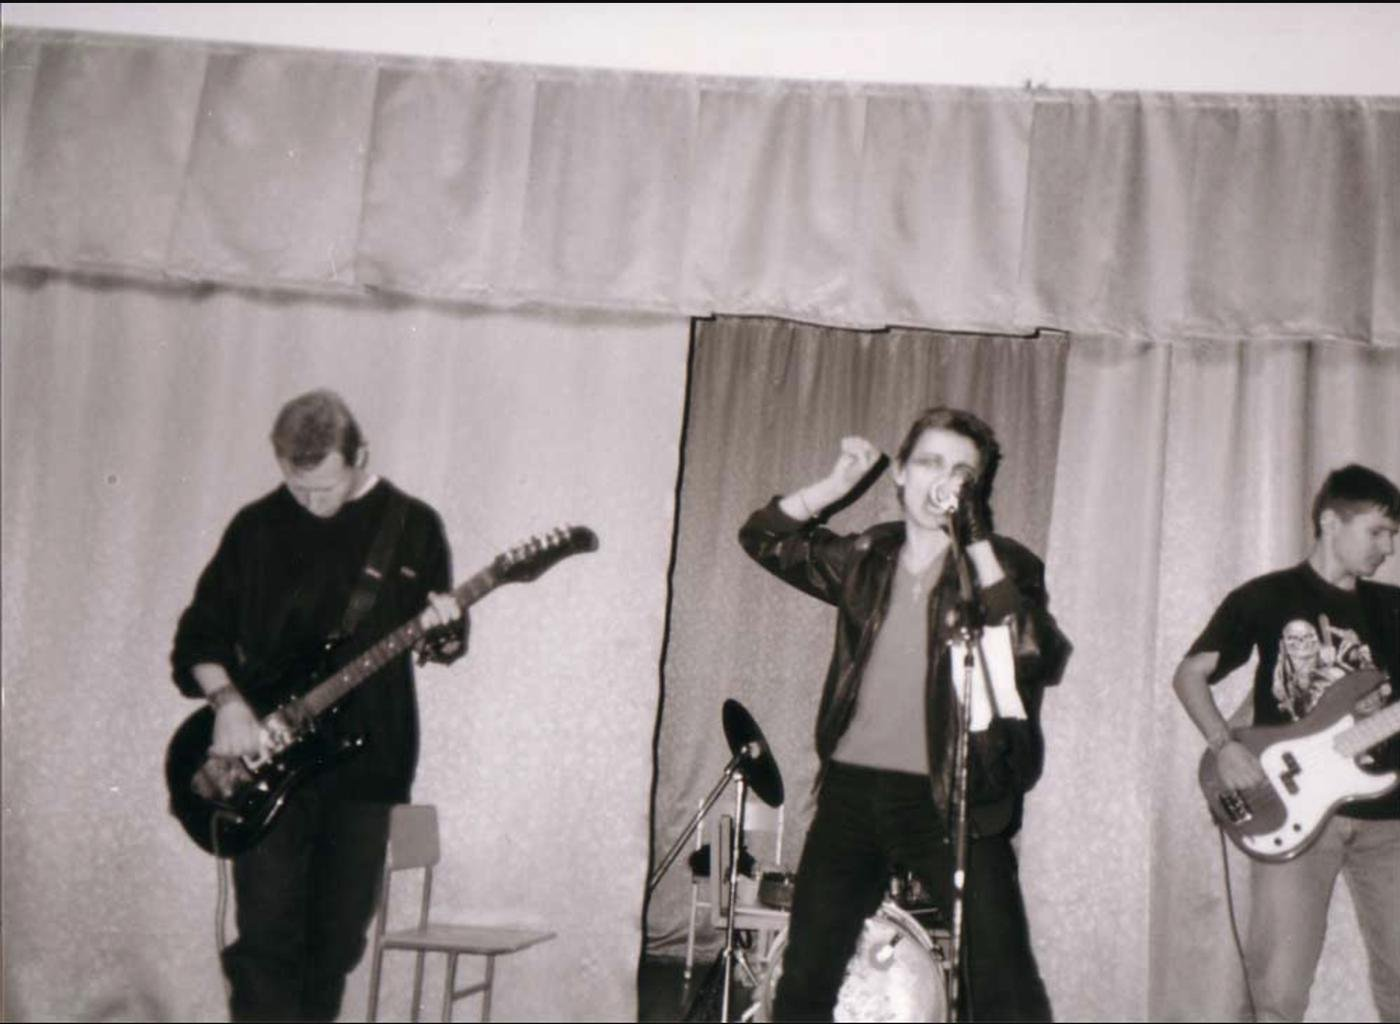 Первый концерт в школе. Я с басом справа, Юра слева, Леха поет